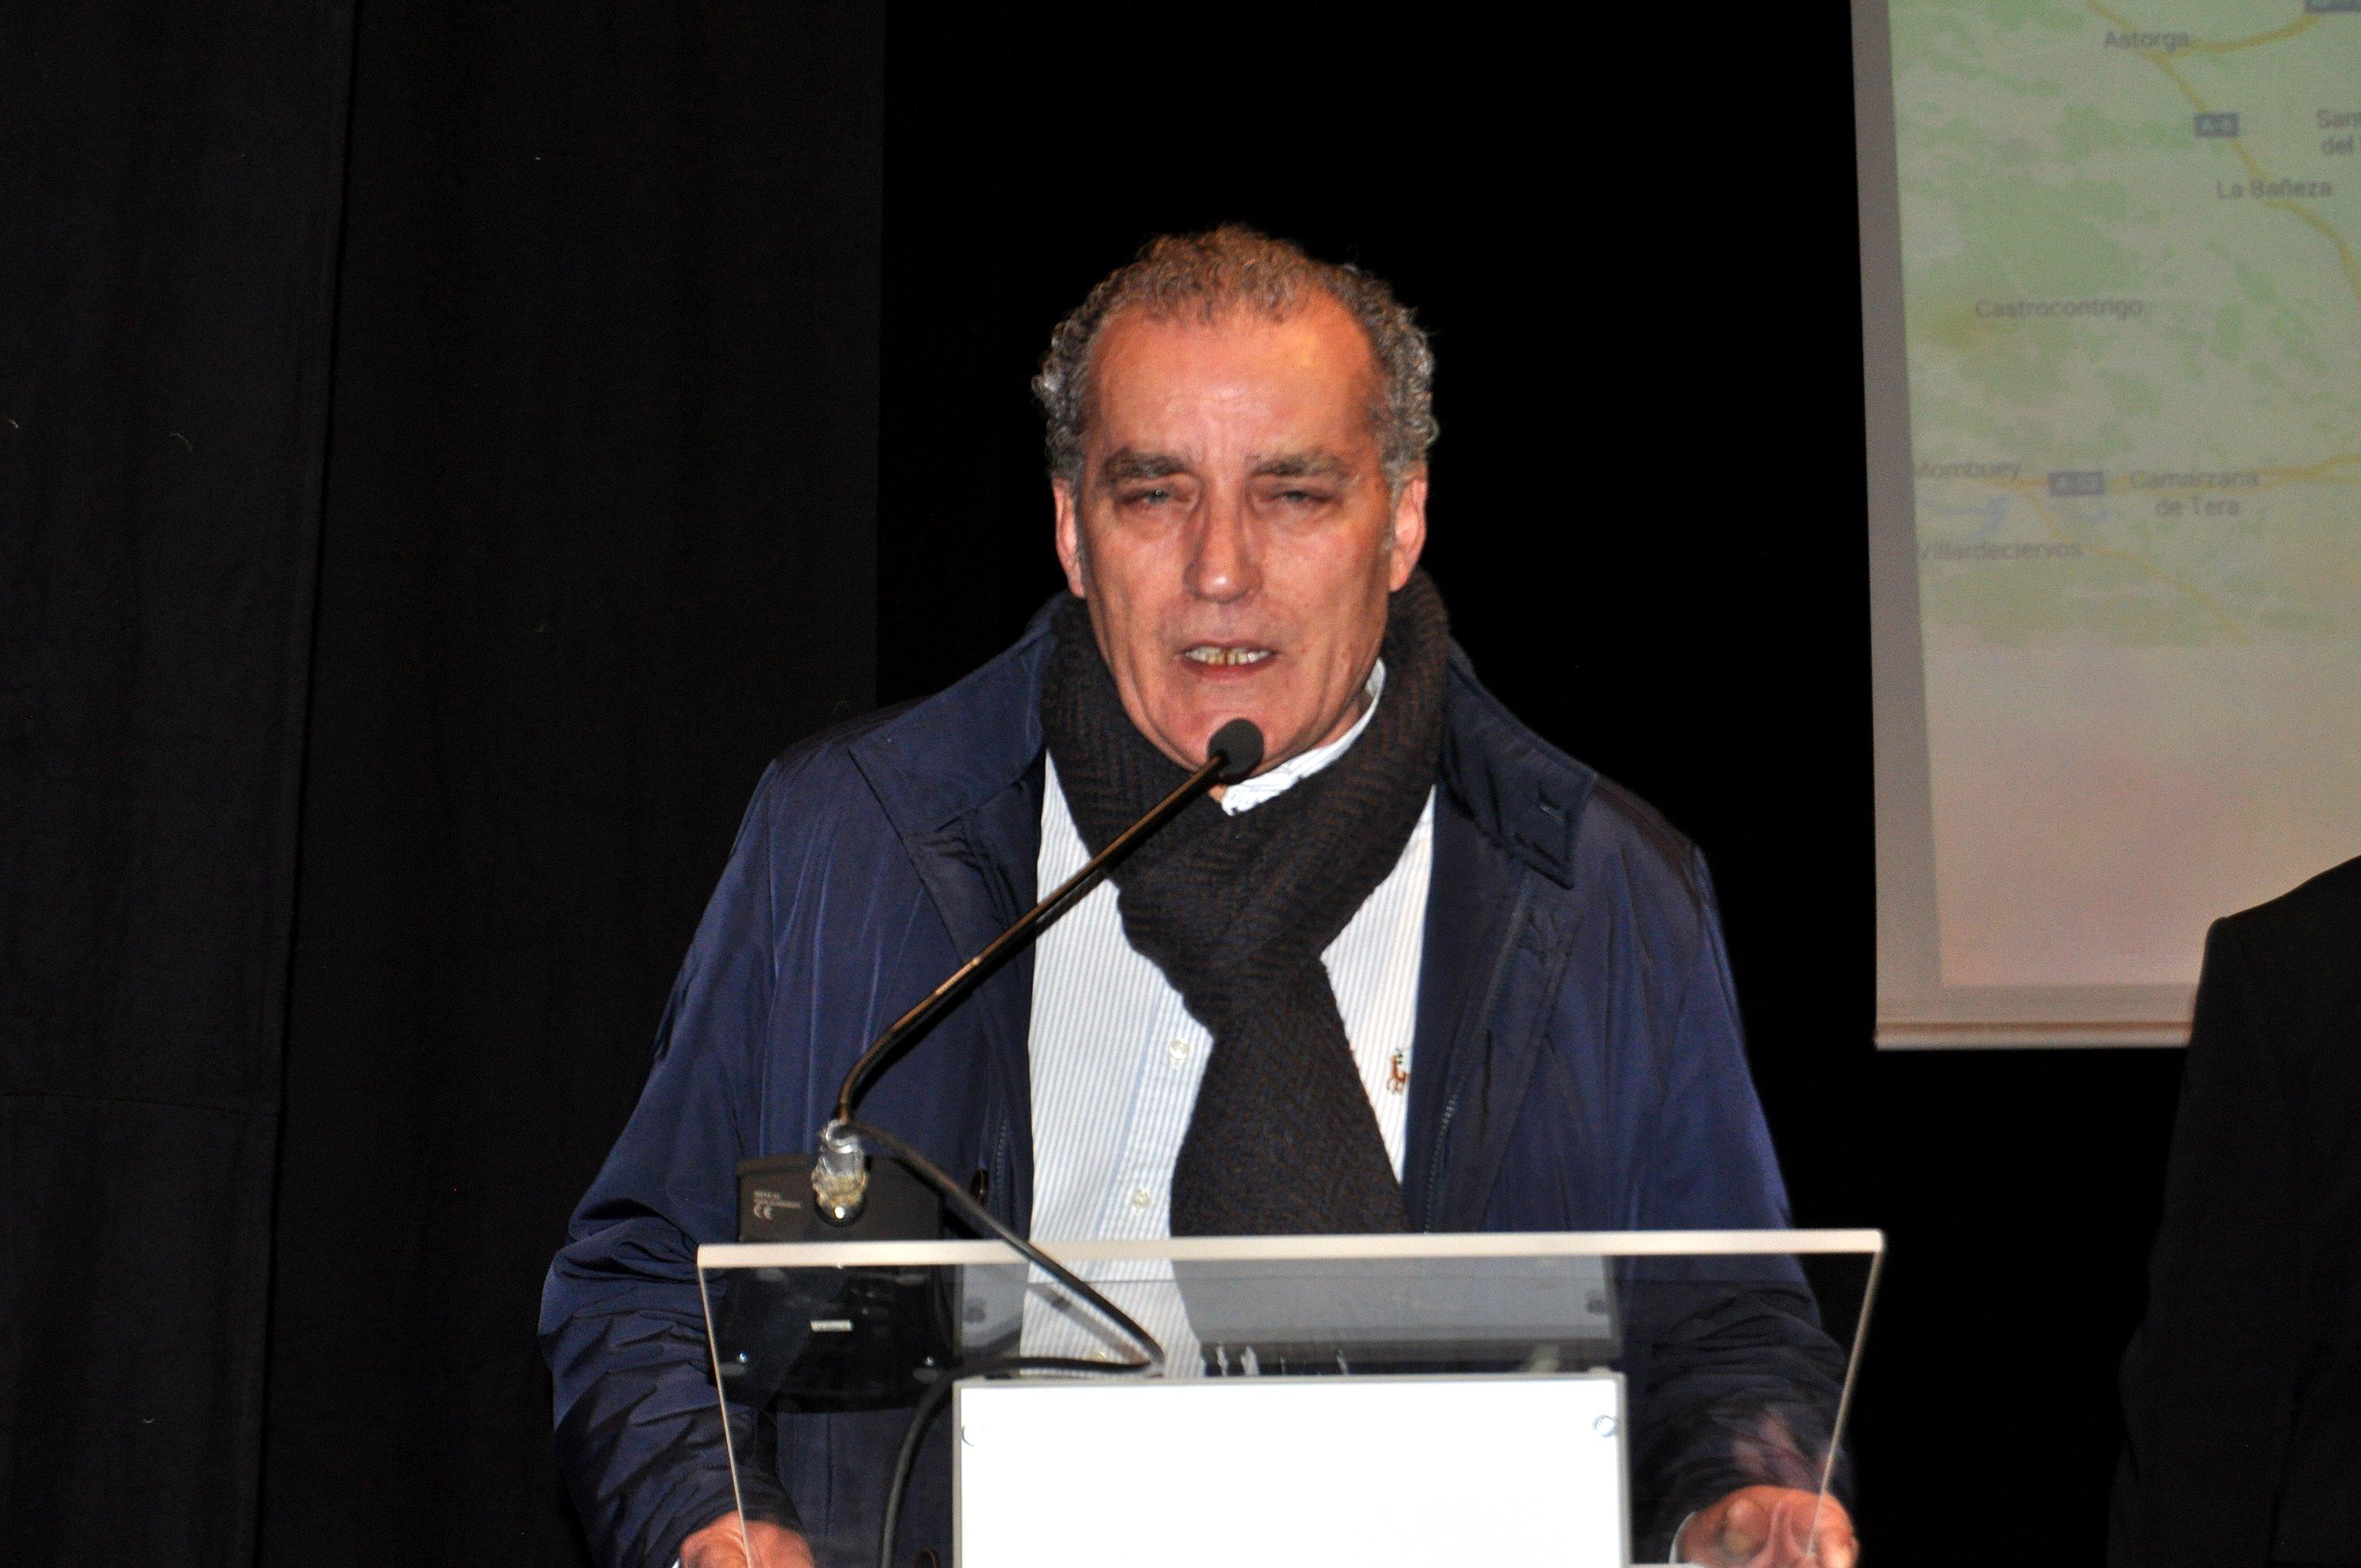 El presidente de la Asociación Balle de Scapa.